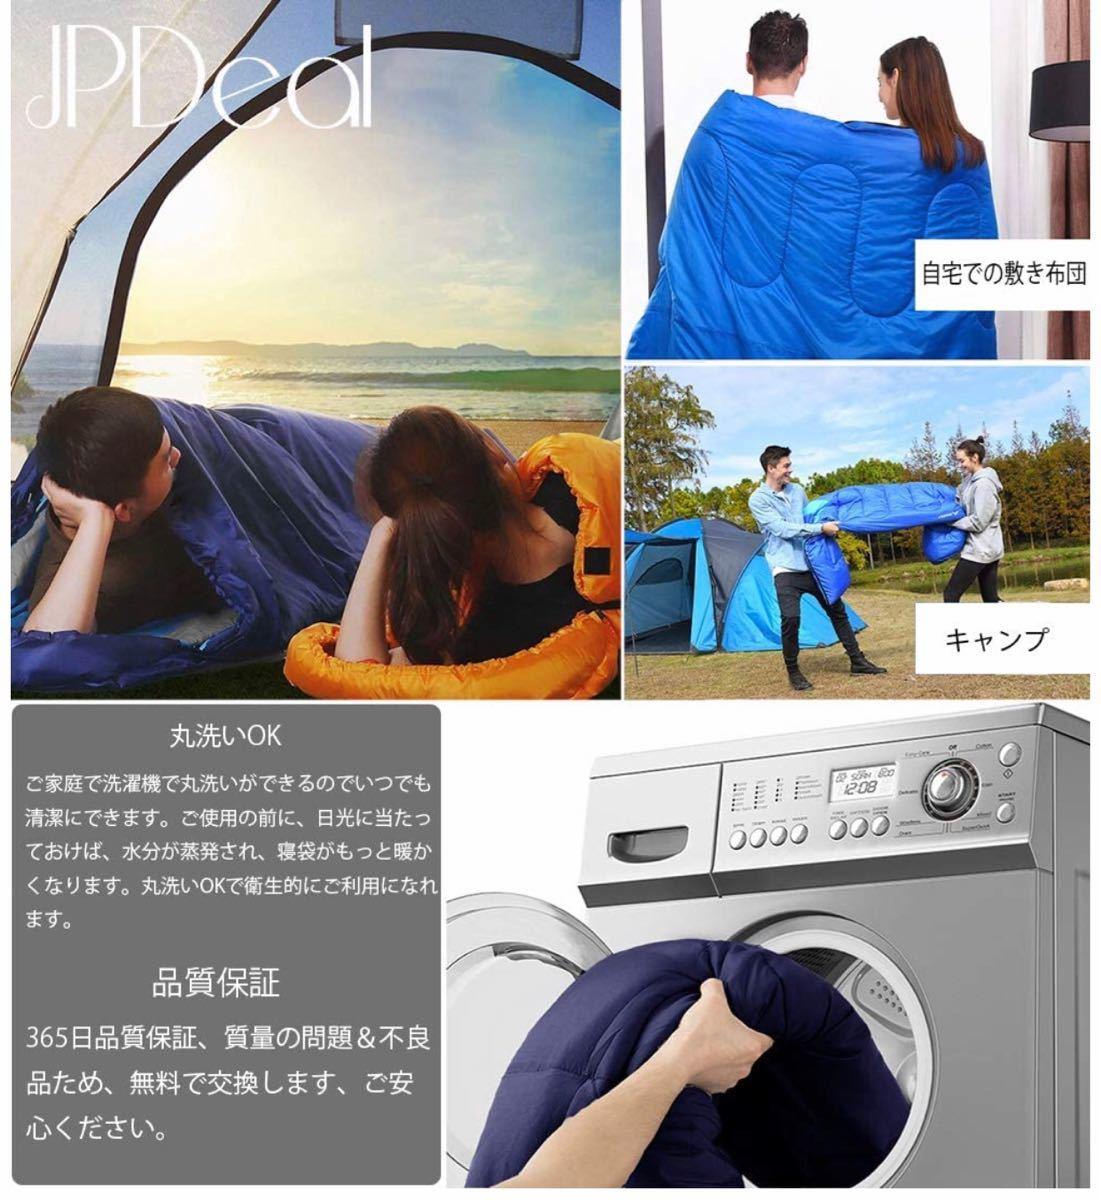 寝袋 封筒型 軽量 保温 210T防水シュラフ コンパクト